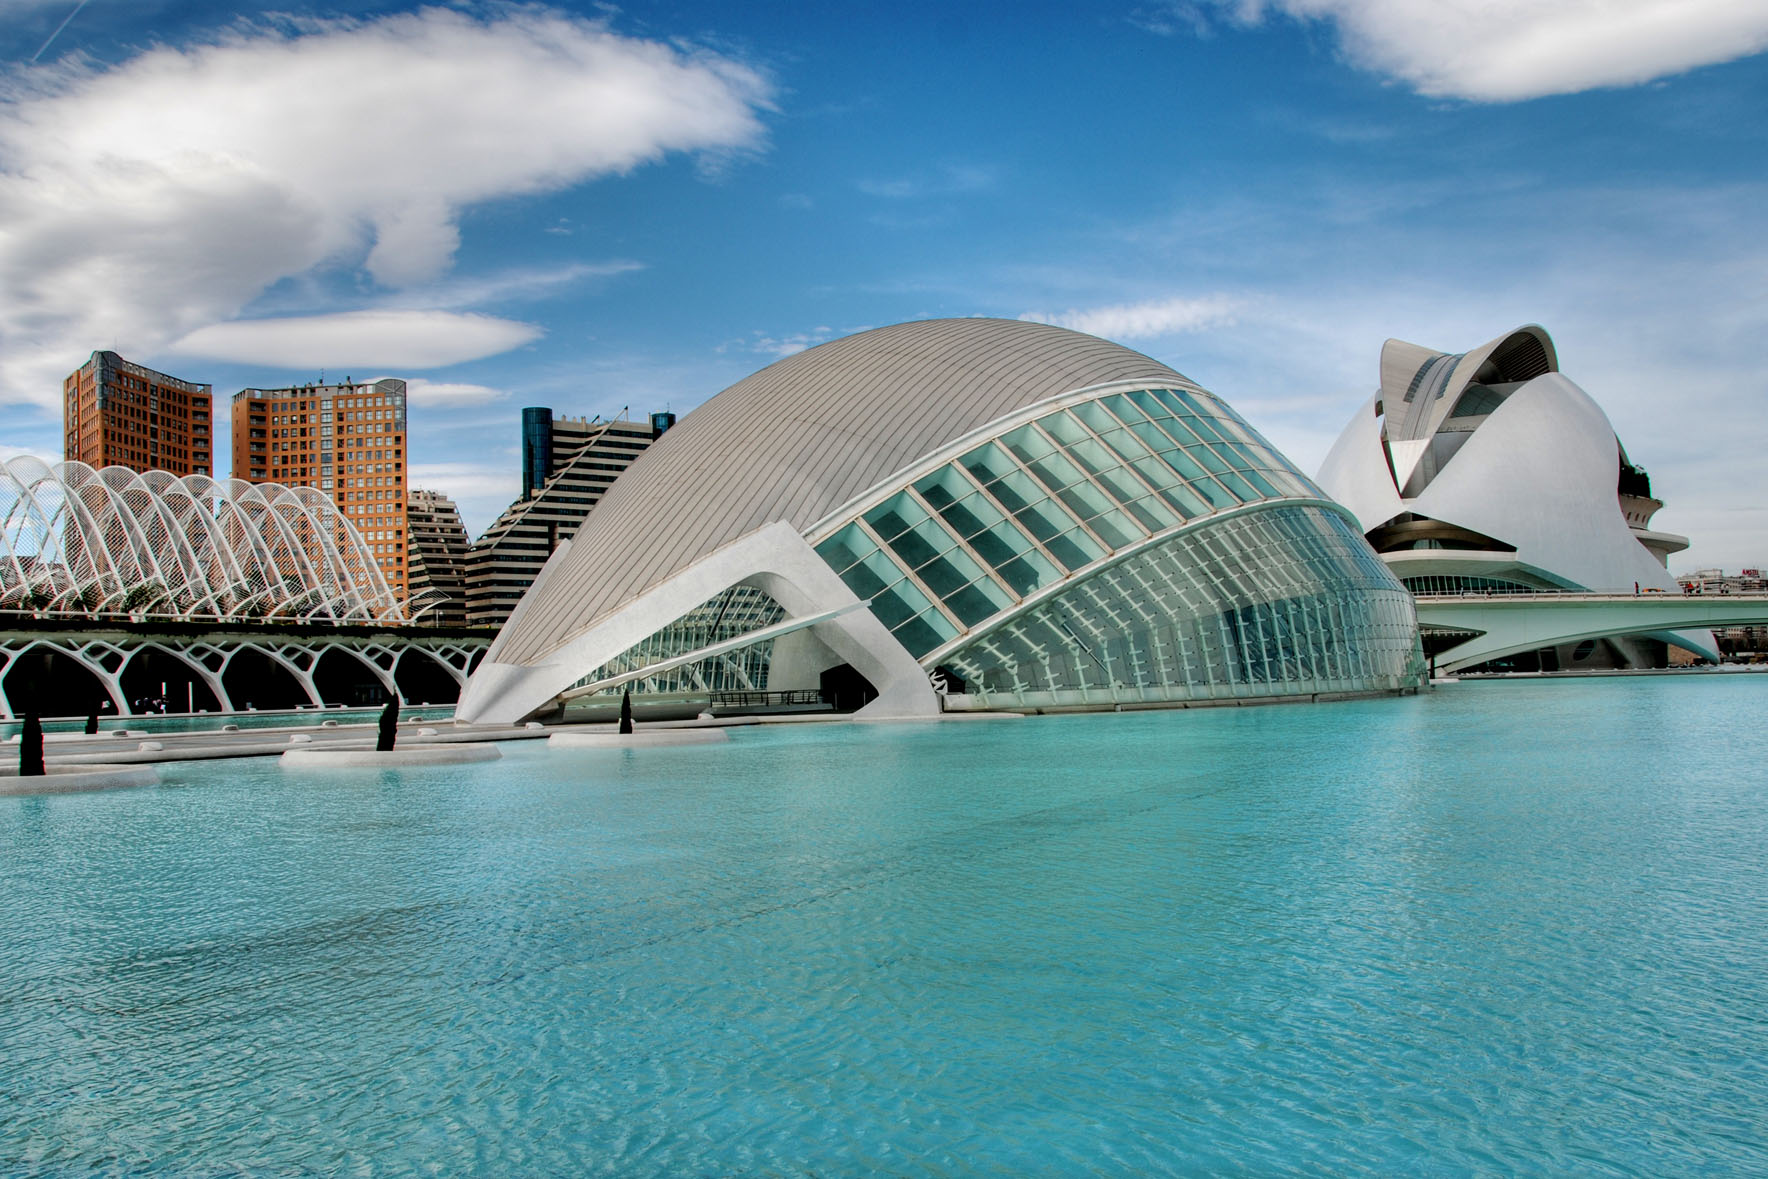 Ciudad de las artes y las ciencias photo